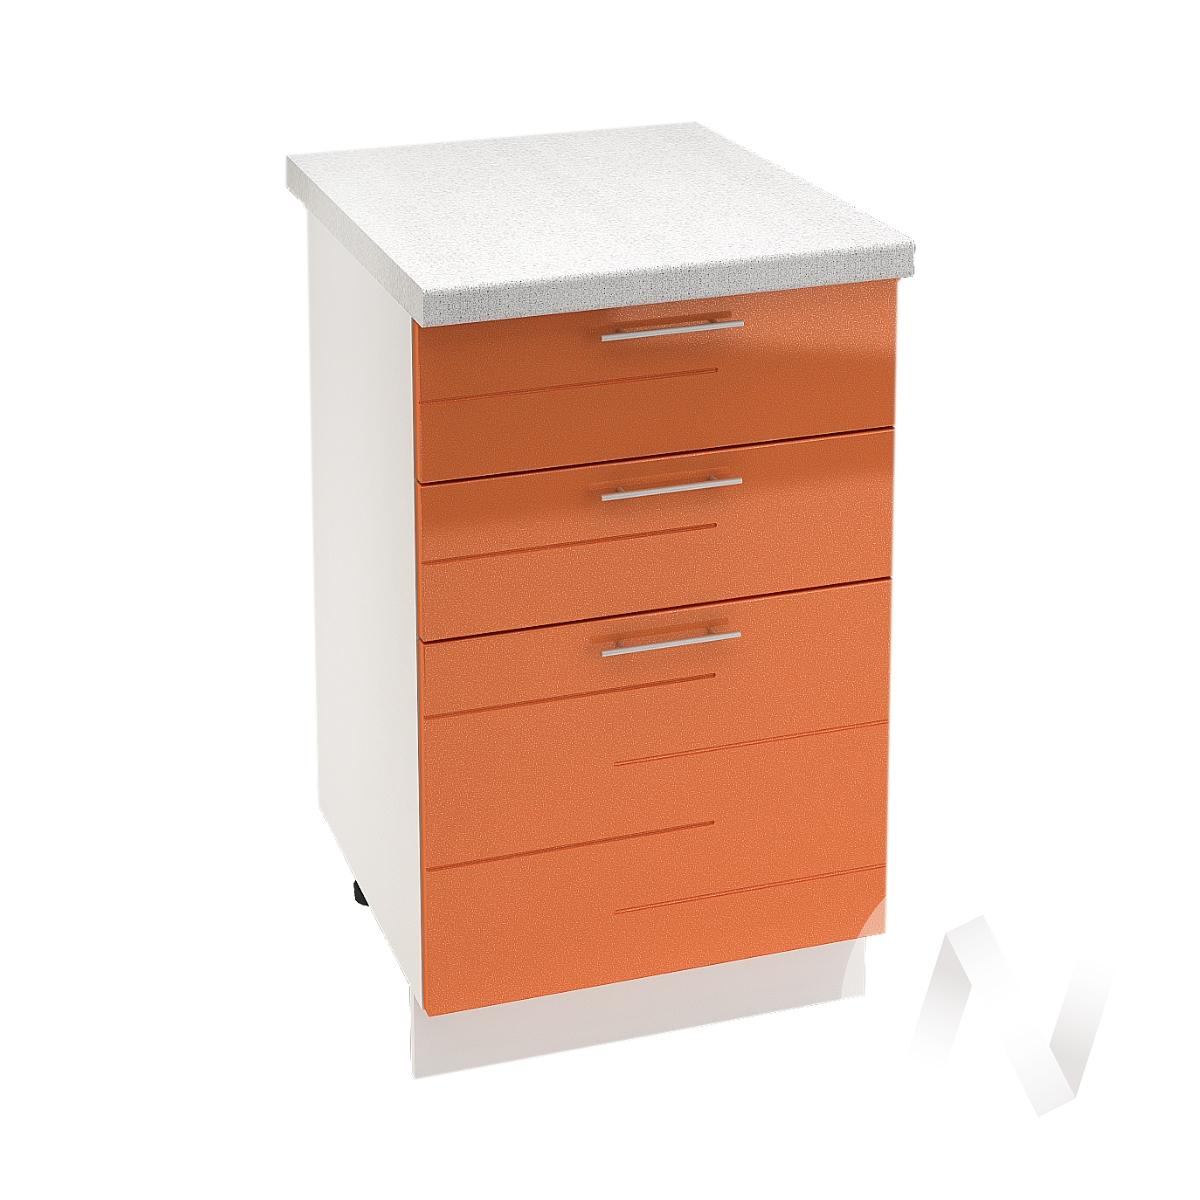 """Кухня """"Техно"""": Шкаф нижний с 3-мя ящиками 500, ШН3Я 500 (корпус белый)"""